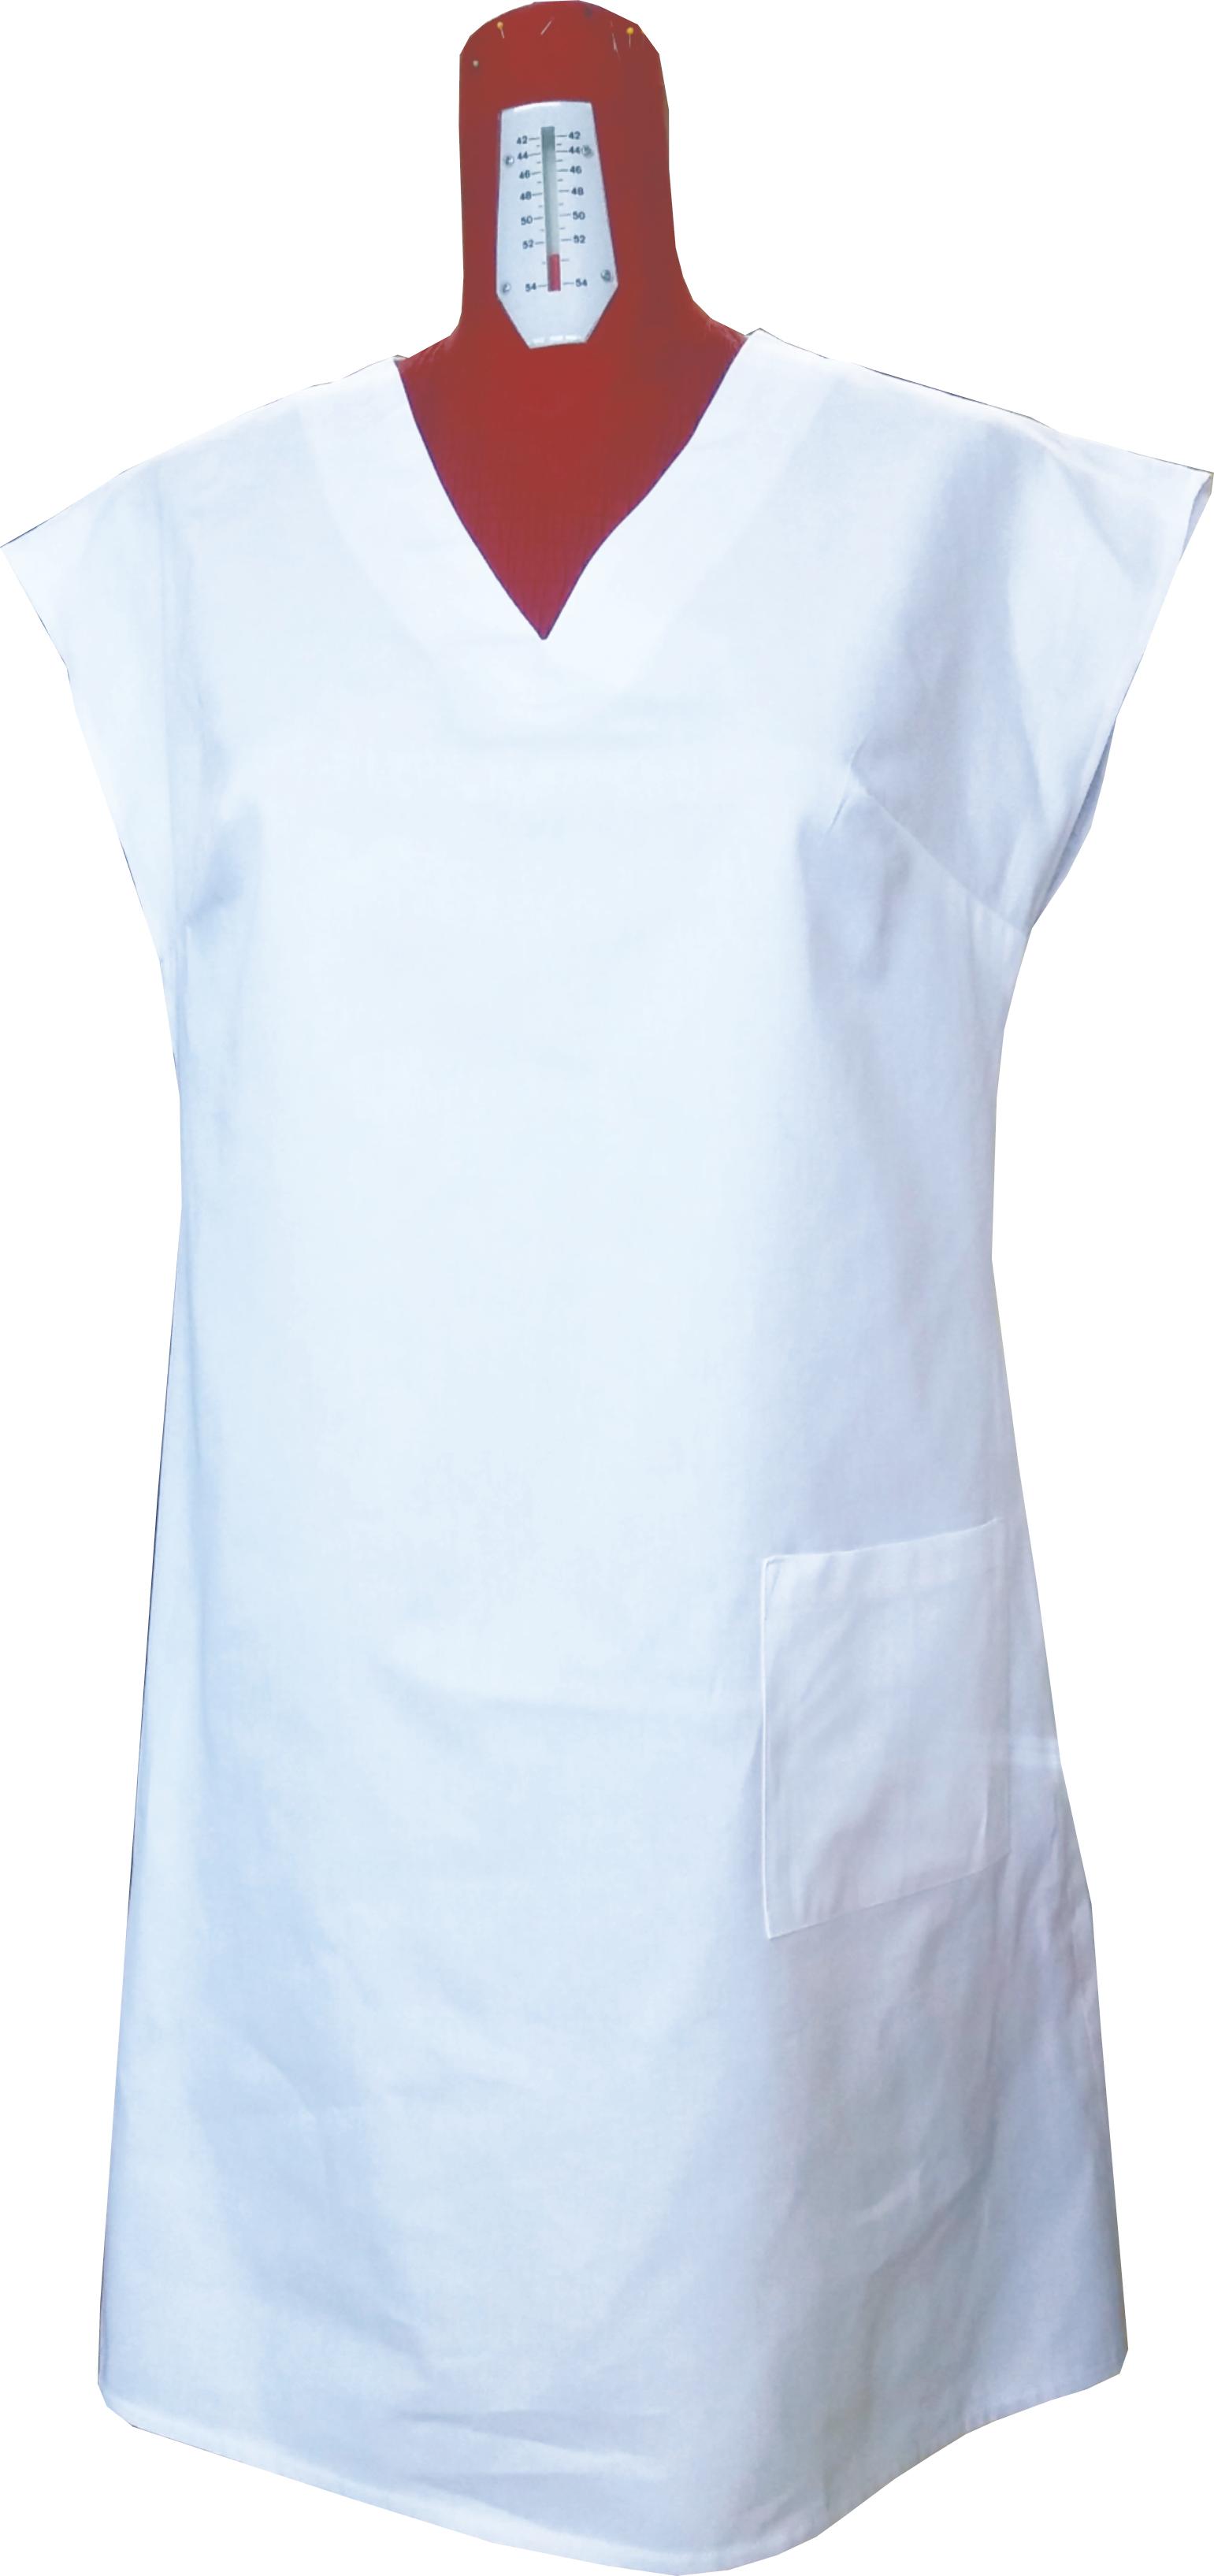 D. Oblečenie pre zdravotníkov